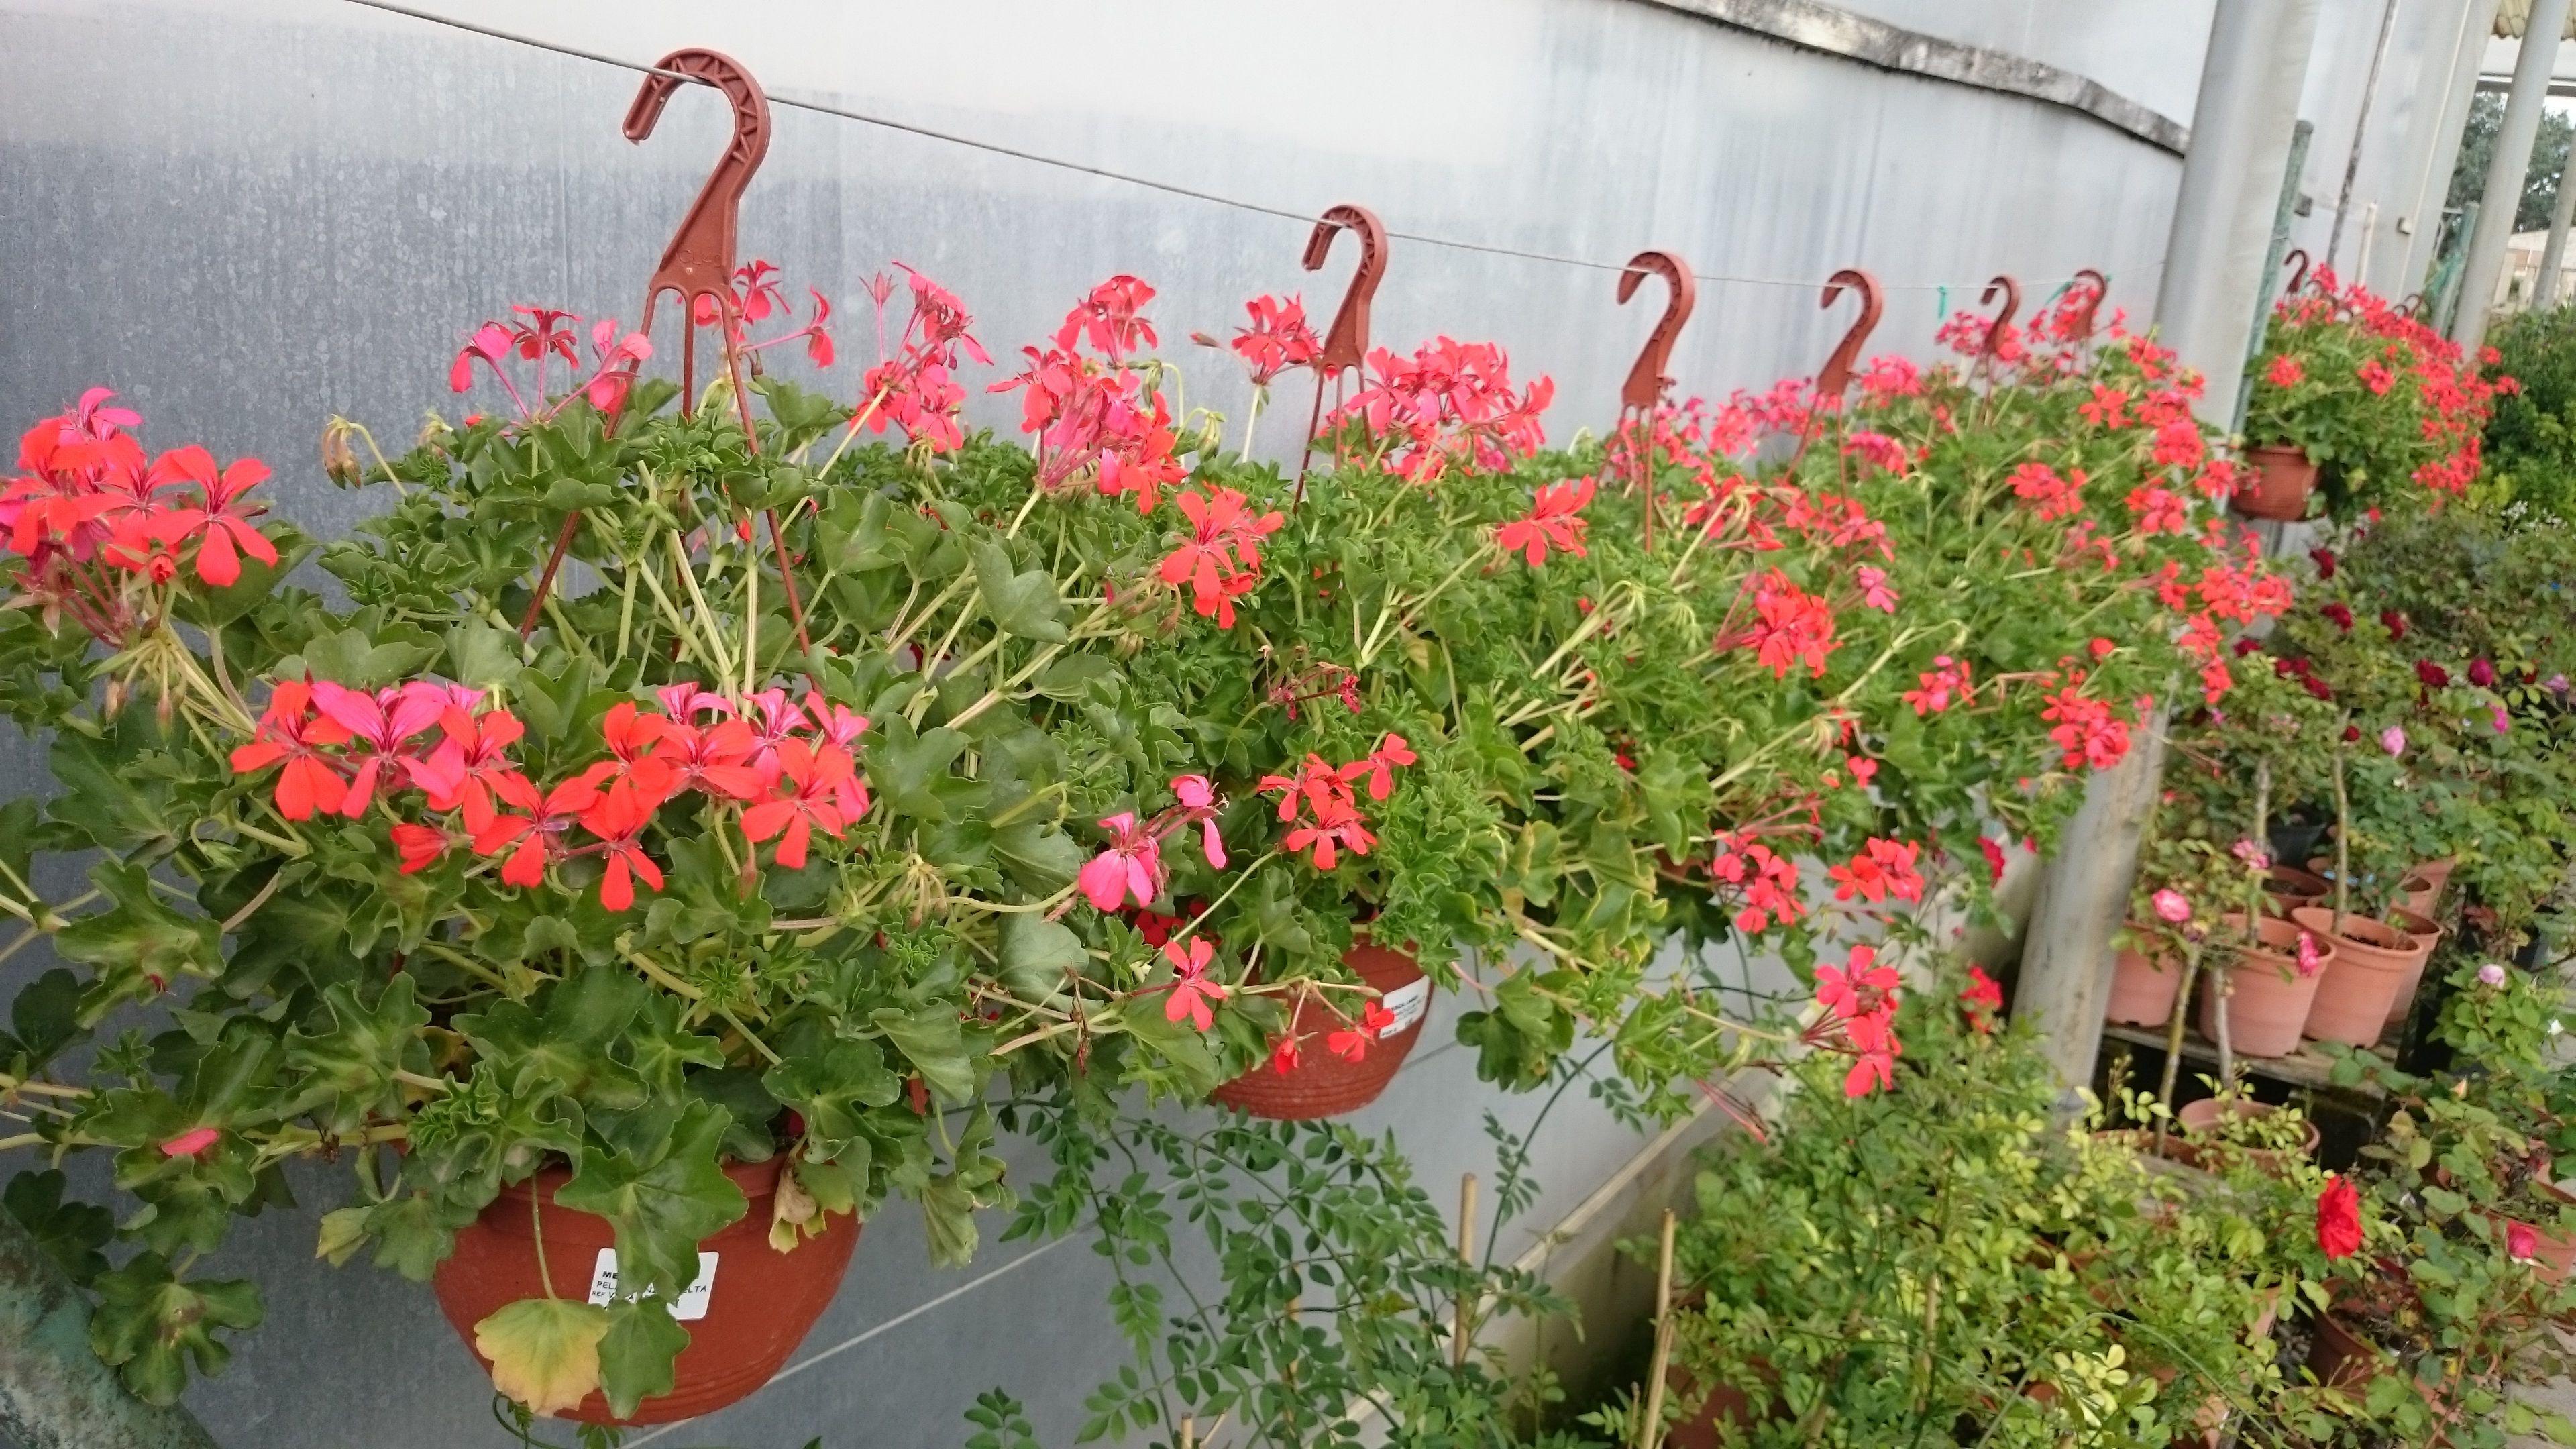 Foto 3 de Excelente surtido en productos para todo tipo de jardines en Castelló d'Empúries | Mercajardí